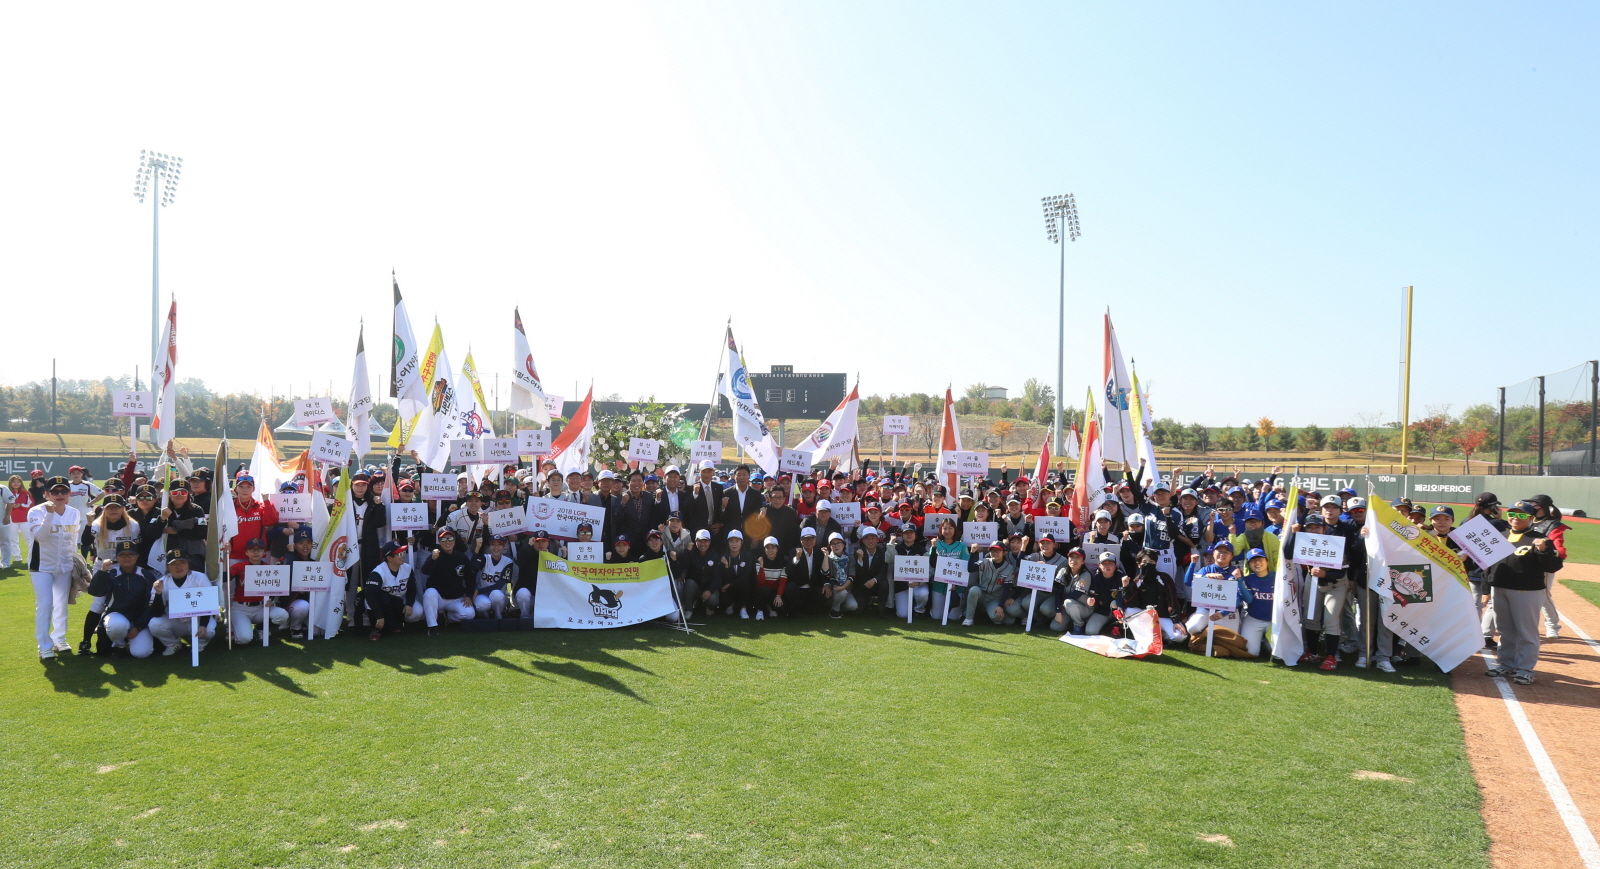 20일 경기도 이천 소재 'LG챔피언스파크'에서 열린 국내 최대 여자야구 리그 '2018 LG컵 한국여자야구대회' 개막식에서 여자야구 선수들과 대회 관계자들이 기념 촬영을 하고 있다.